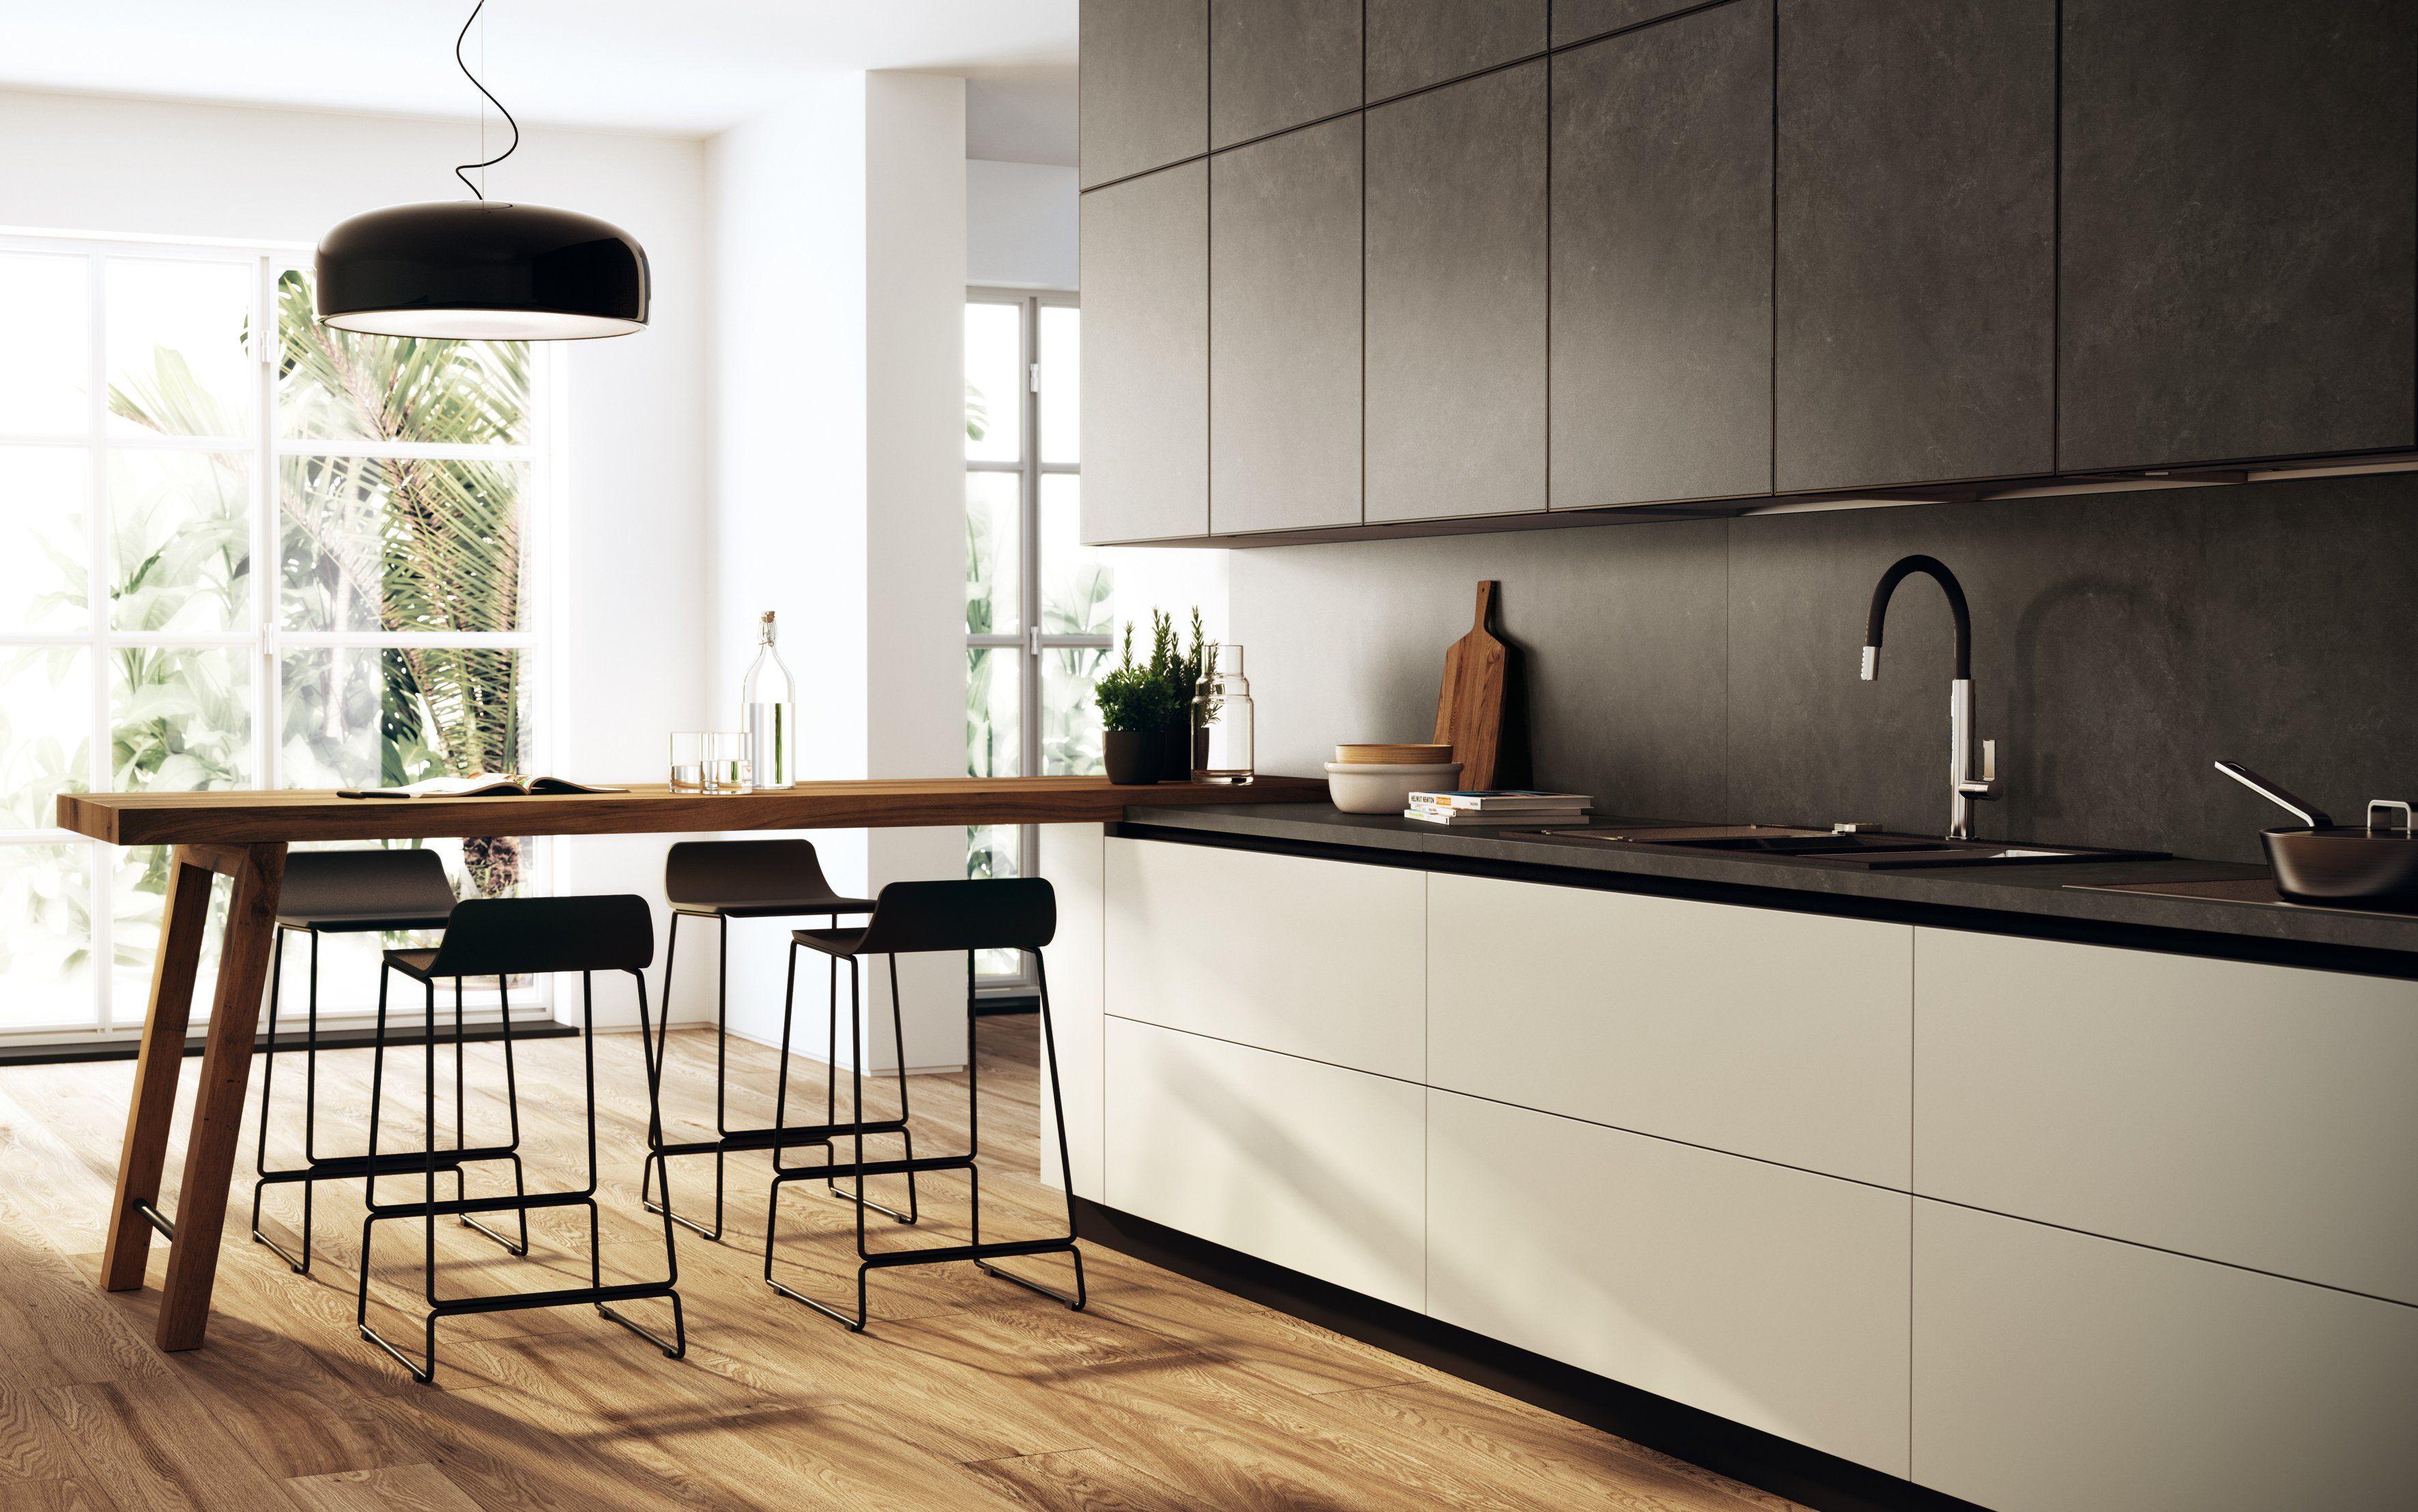 La cucina Scenery di Scavolini ha ante senza maniglie rivestite in ...